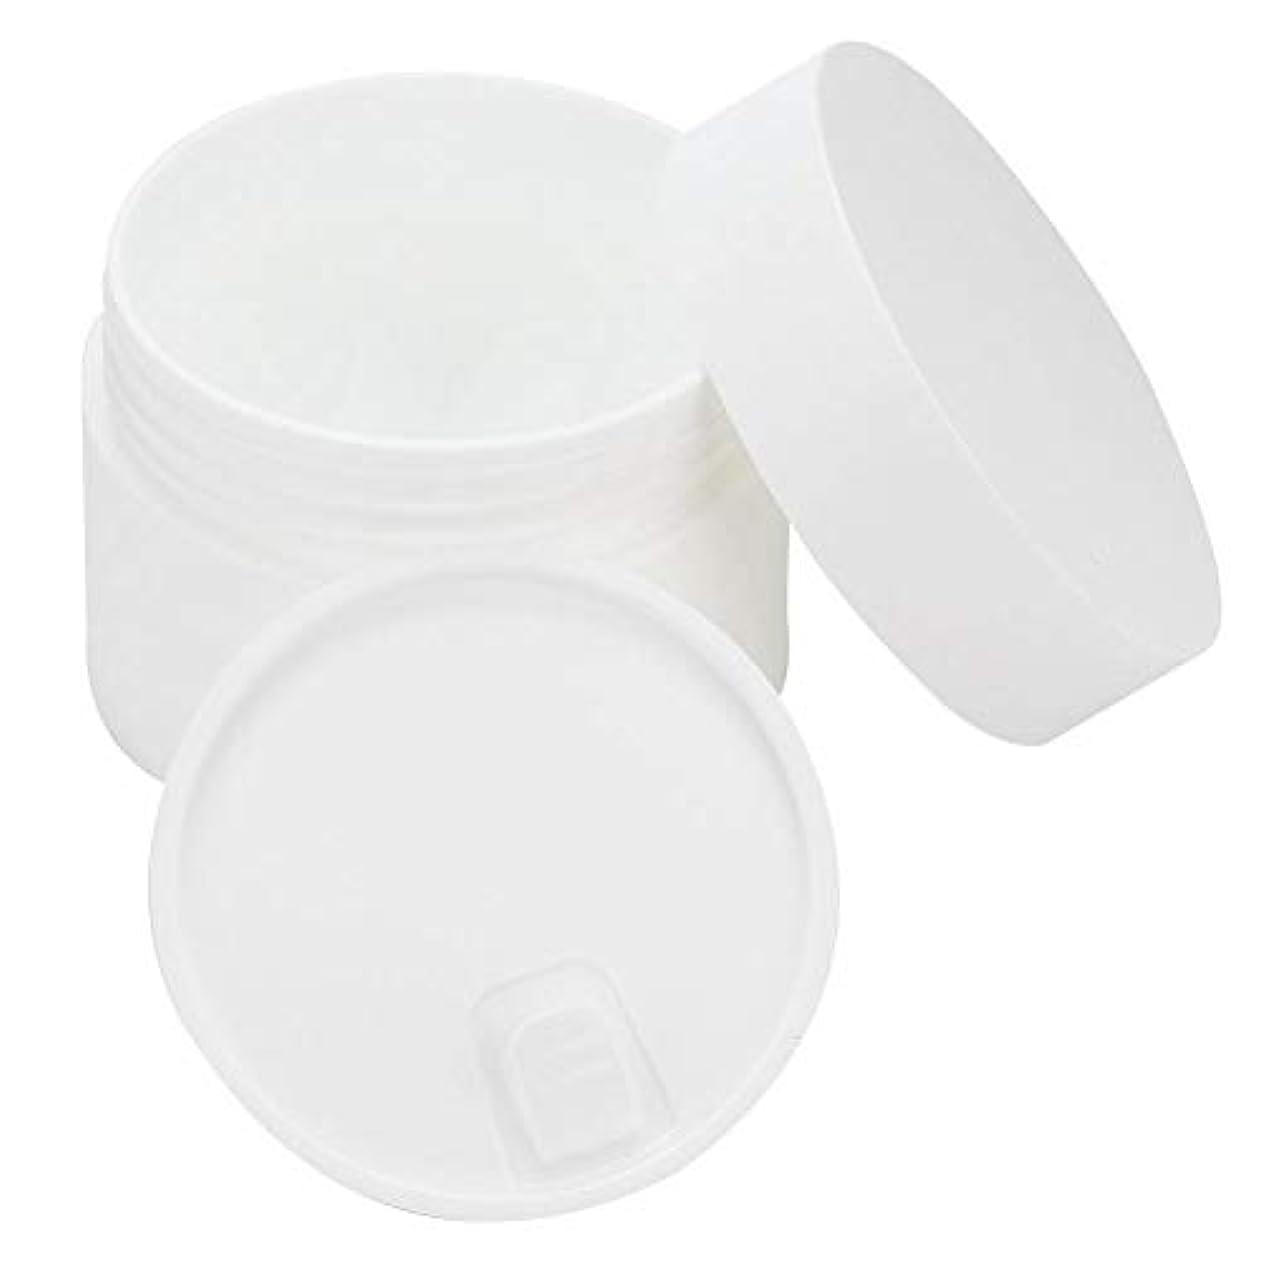 優先マカダム測る30g空の旅行フェイシャルクリームボトル充填可能なスキンケア製品容器ボトルDIYマスクボトル